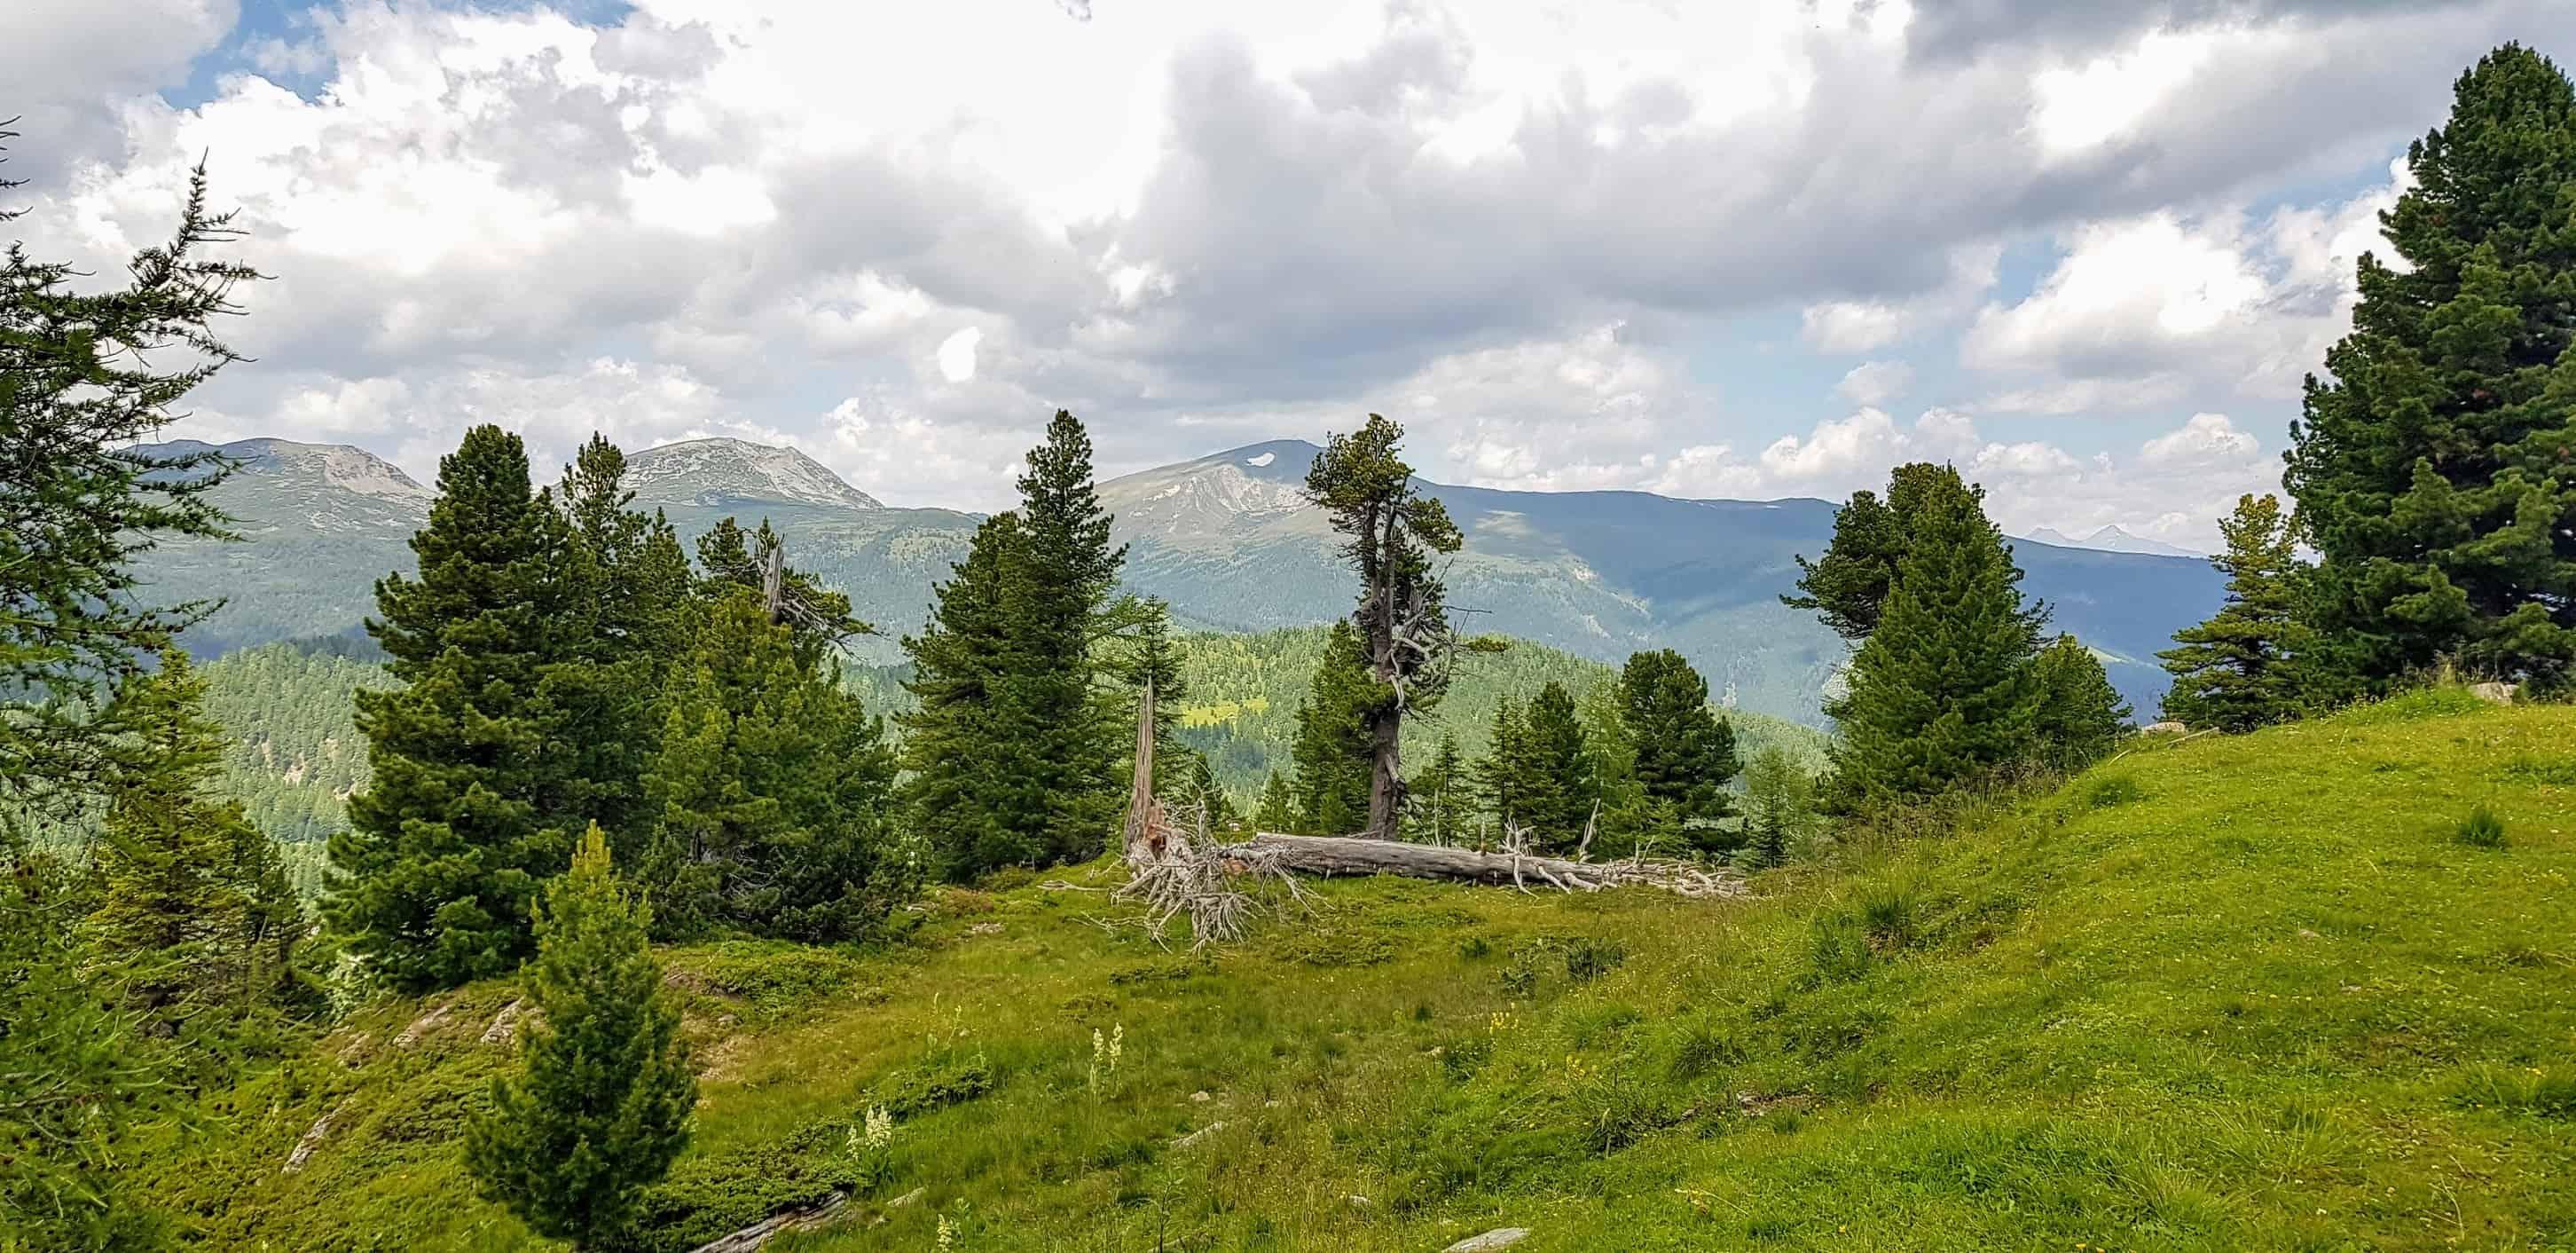 Wandern - alpine Berglandschaft mit Bäumen und Nockbergen auf der Turracher Höhe in Kärnten - Österreich